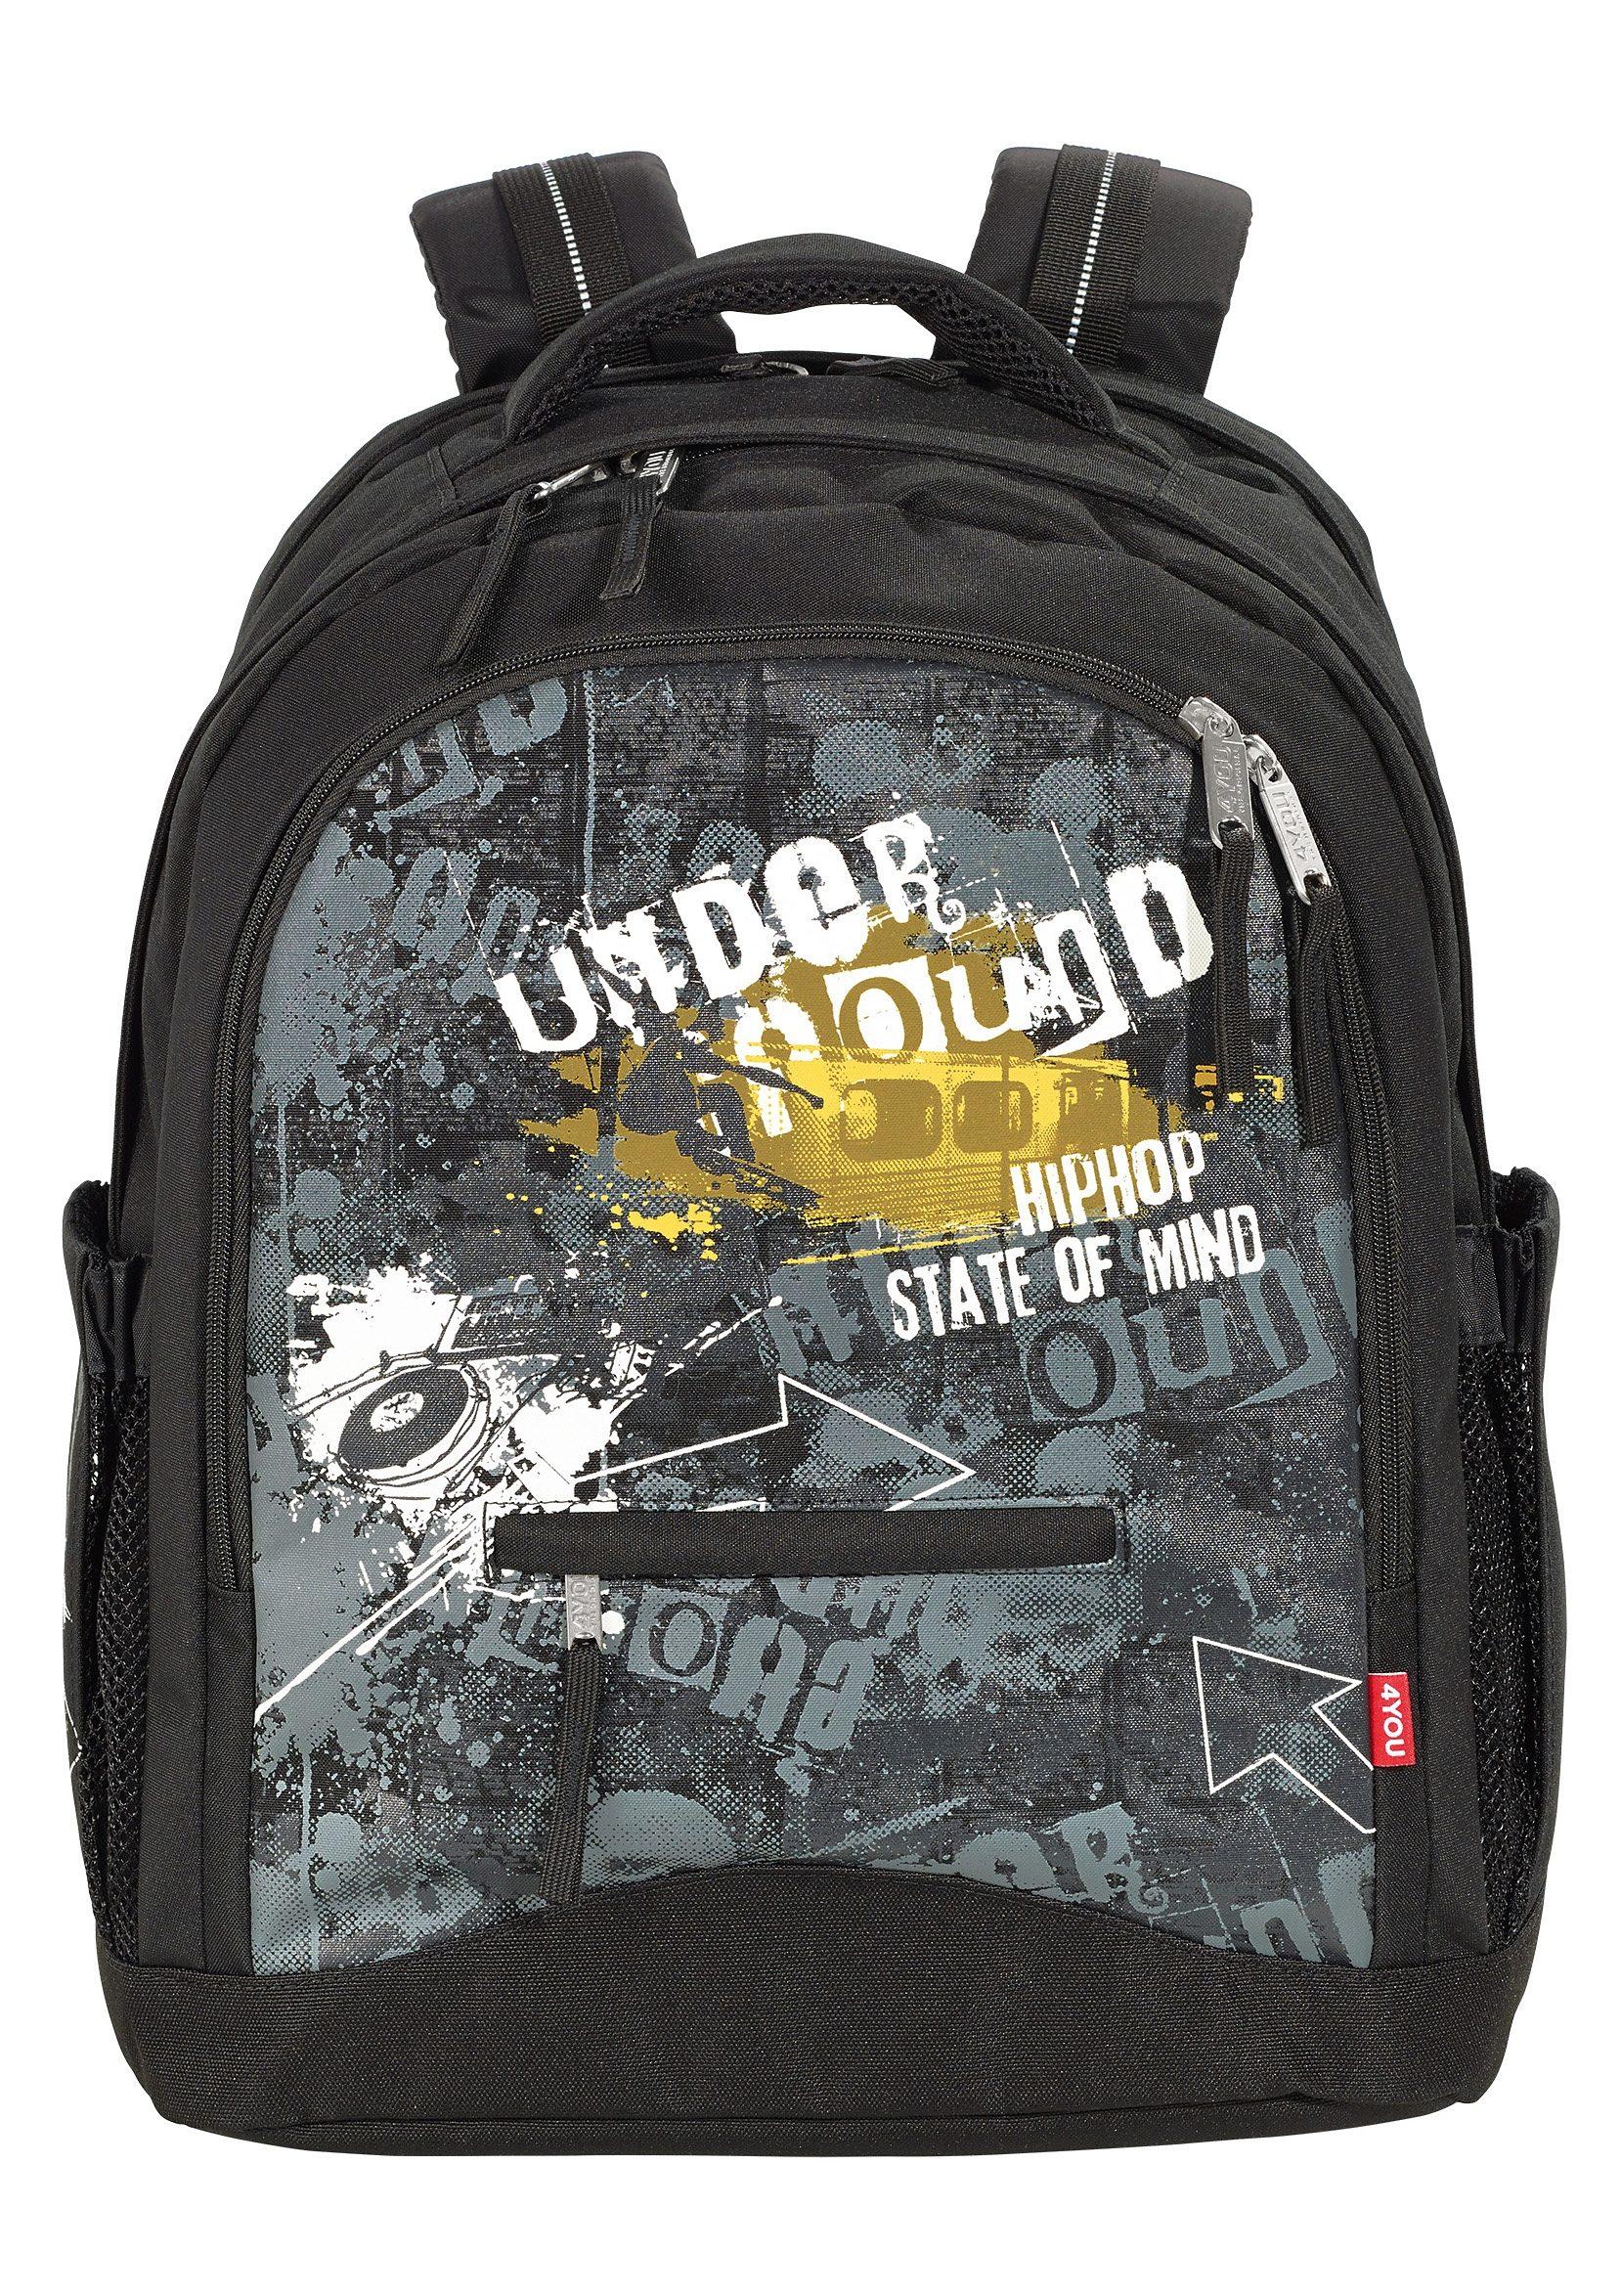 4YOU Schulrucksack, »Rucksack Compact - Under Ground«